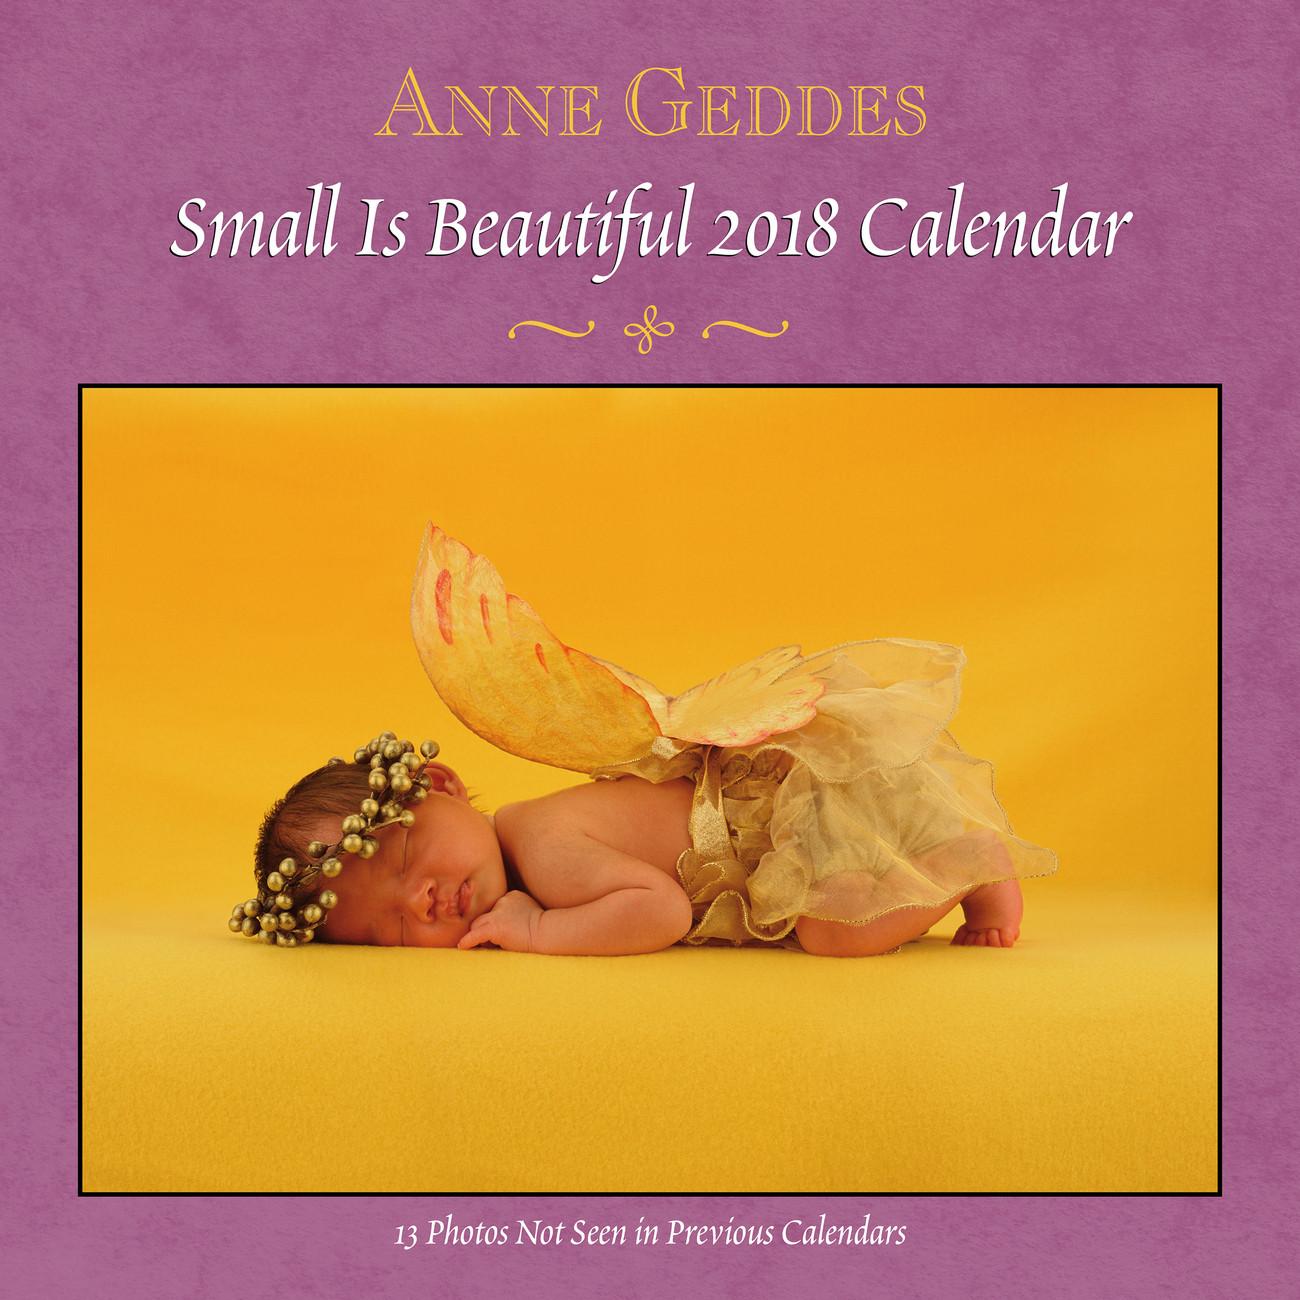 anne geddes naptár Anne Geddes   Small is Beautiful naptár 2019 az Europosters.hu anne geddes naptár